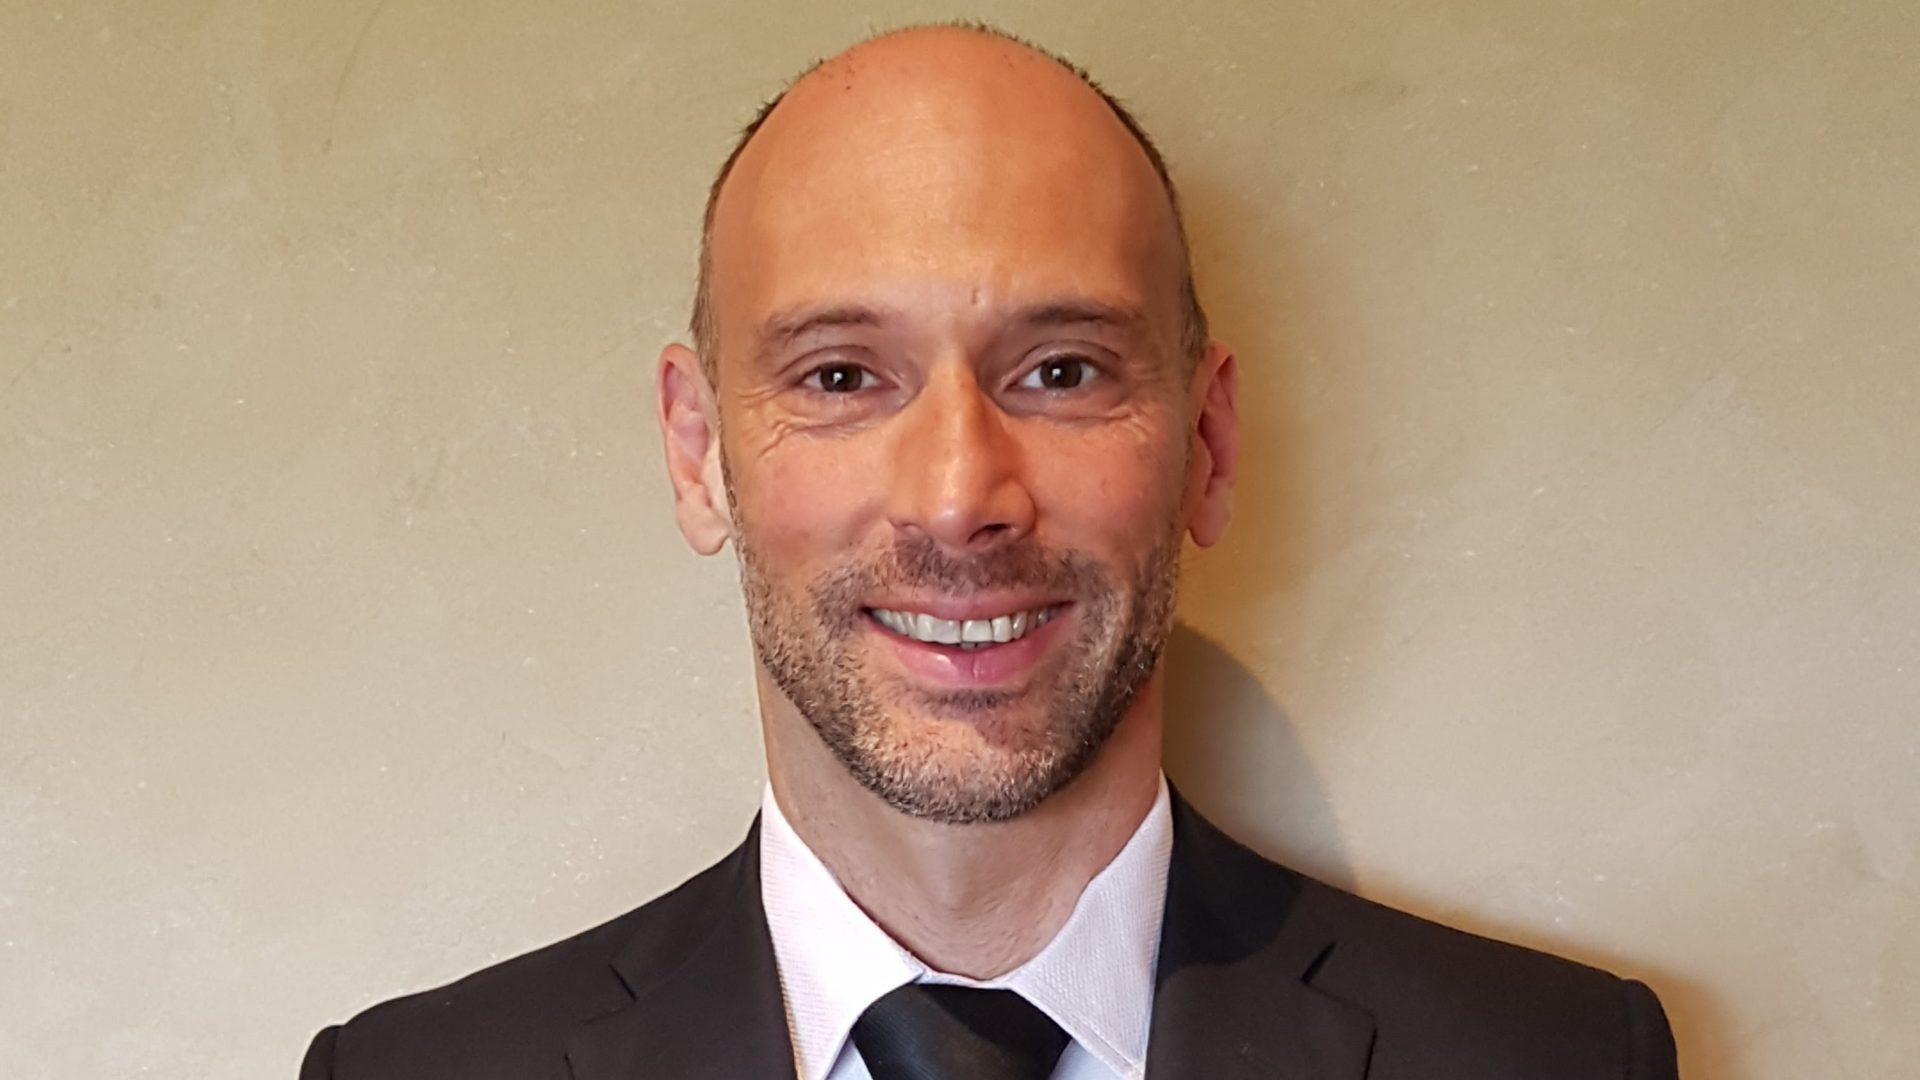 Alessandro Sasia